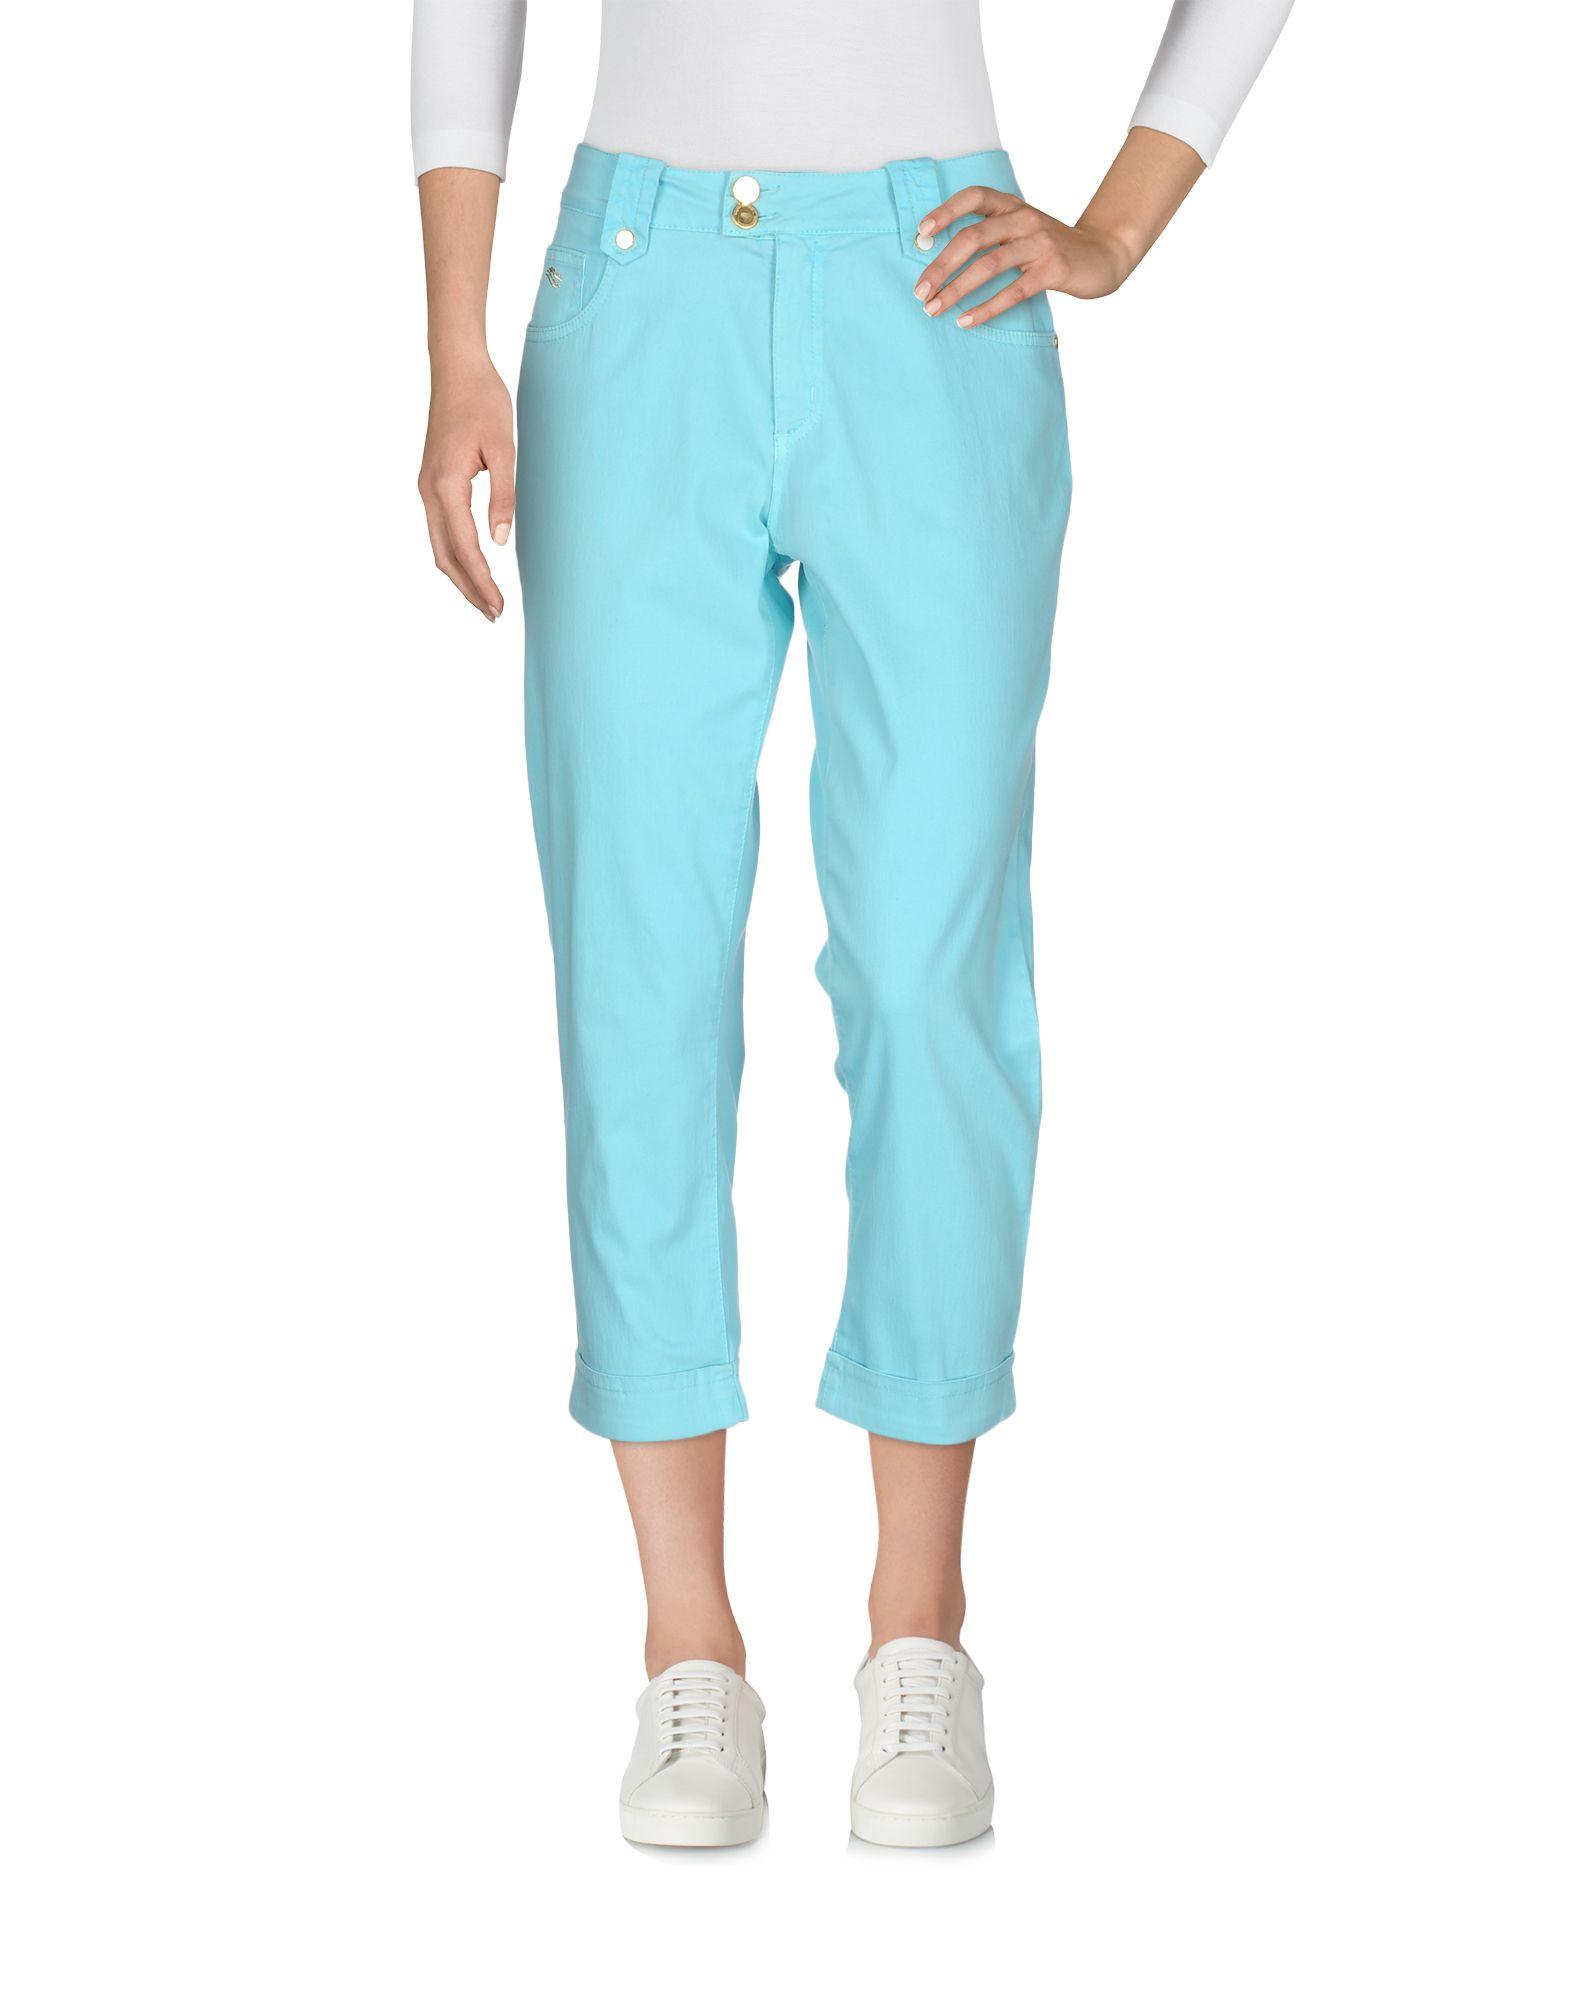 ANGELO MARANI BEACHWEAR Пляжные брюки и шорты maharishi пляжные брюки и шорты